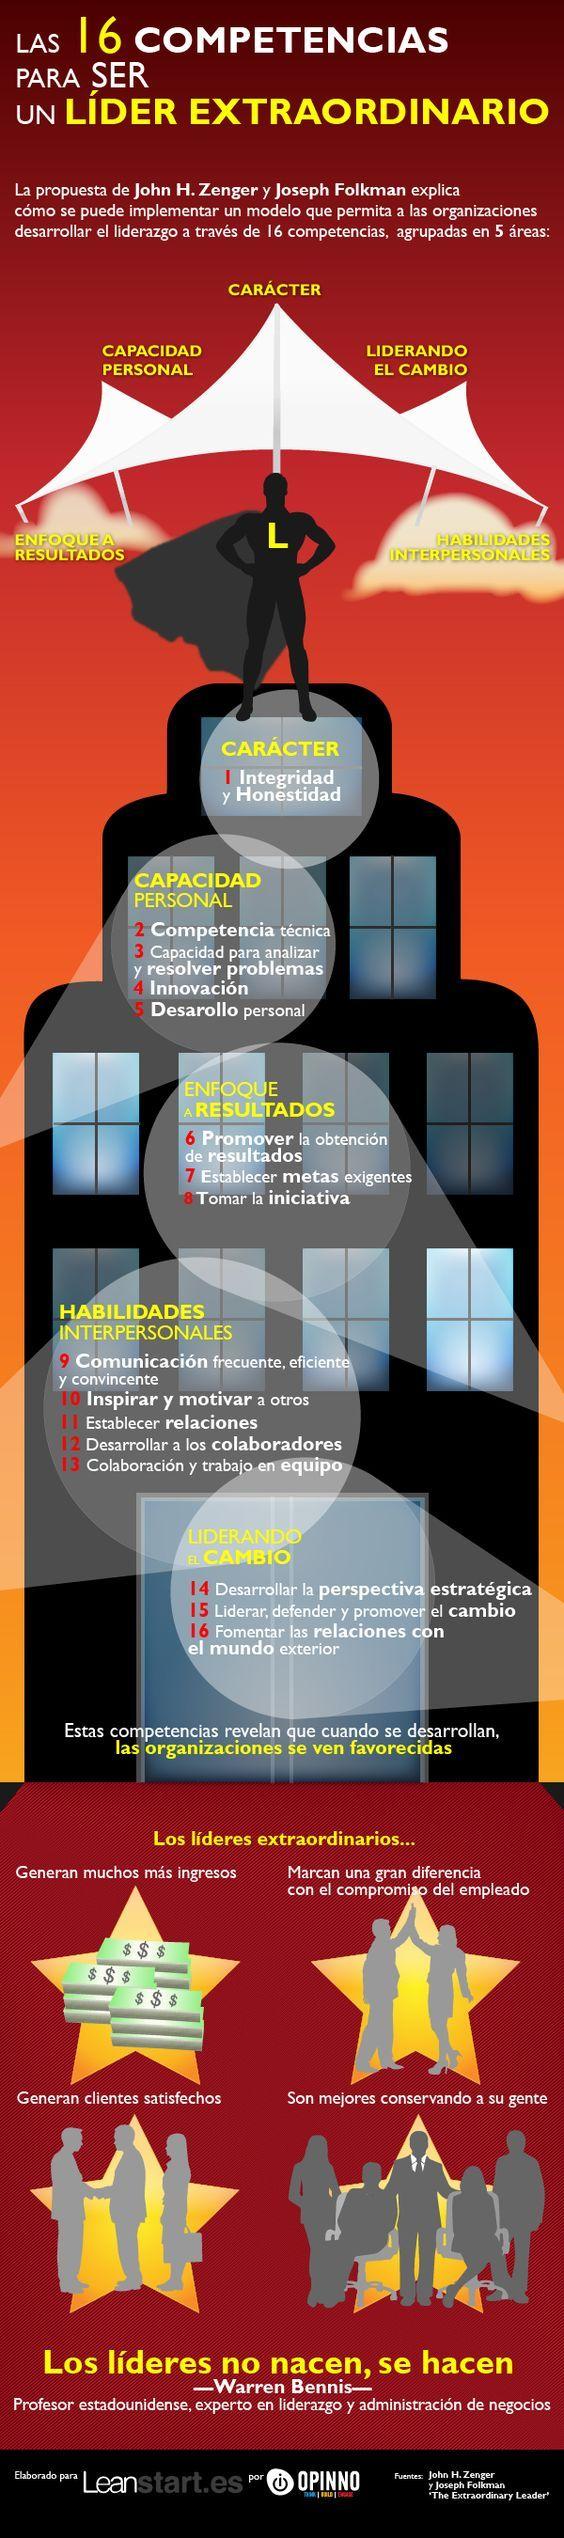 16 competencias para ser un líder extraordinario vía: Leanstart.es & Opinno #infografia #infographic #liderazgo